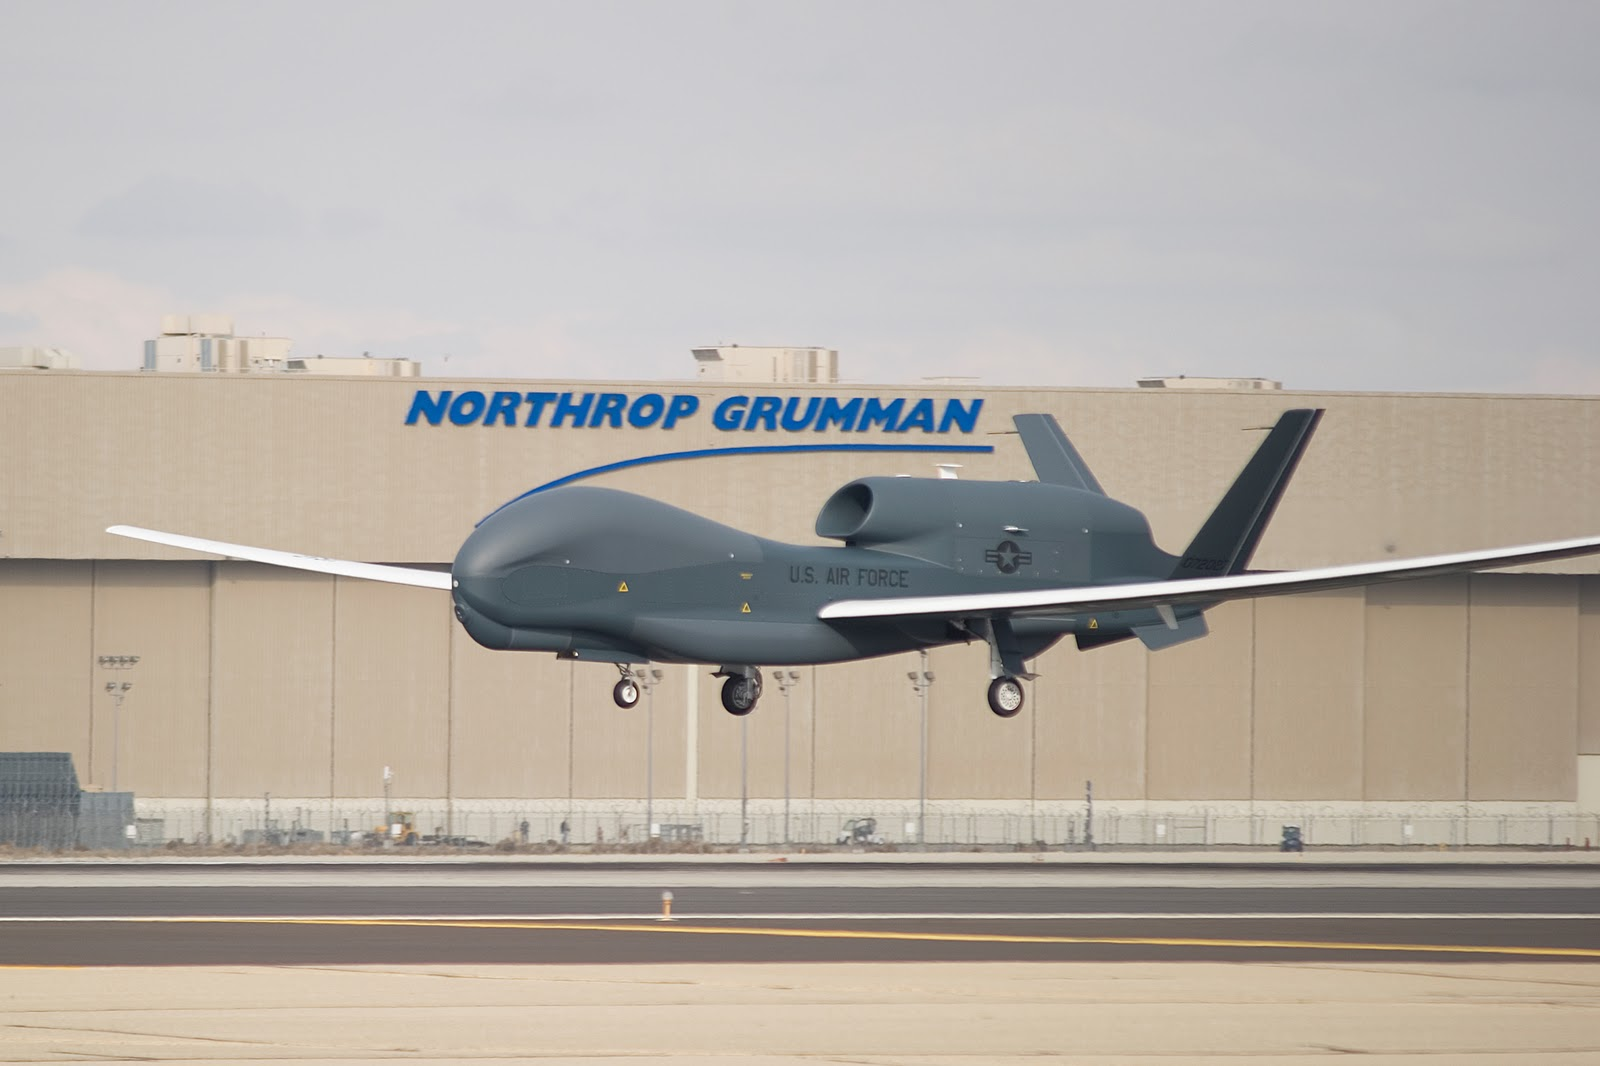 http://2.bp.blogspot.com/-ORVgZKag1ho/TwxbcYWbBEI/AAAAAAAAHVo/gMxhmcOq1zM/s1600/Northrop_Grumman_Global_Hawk+.jpg